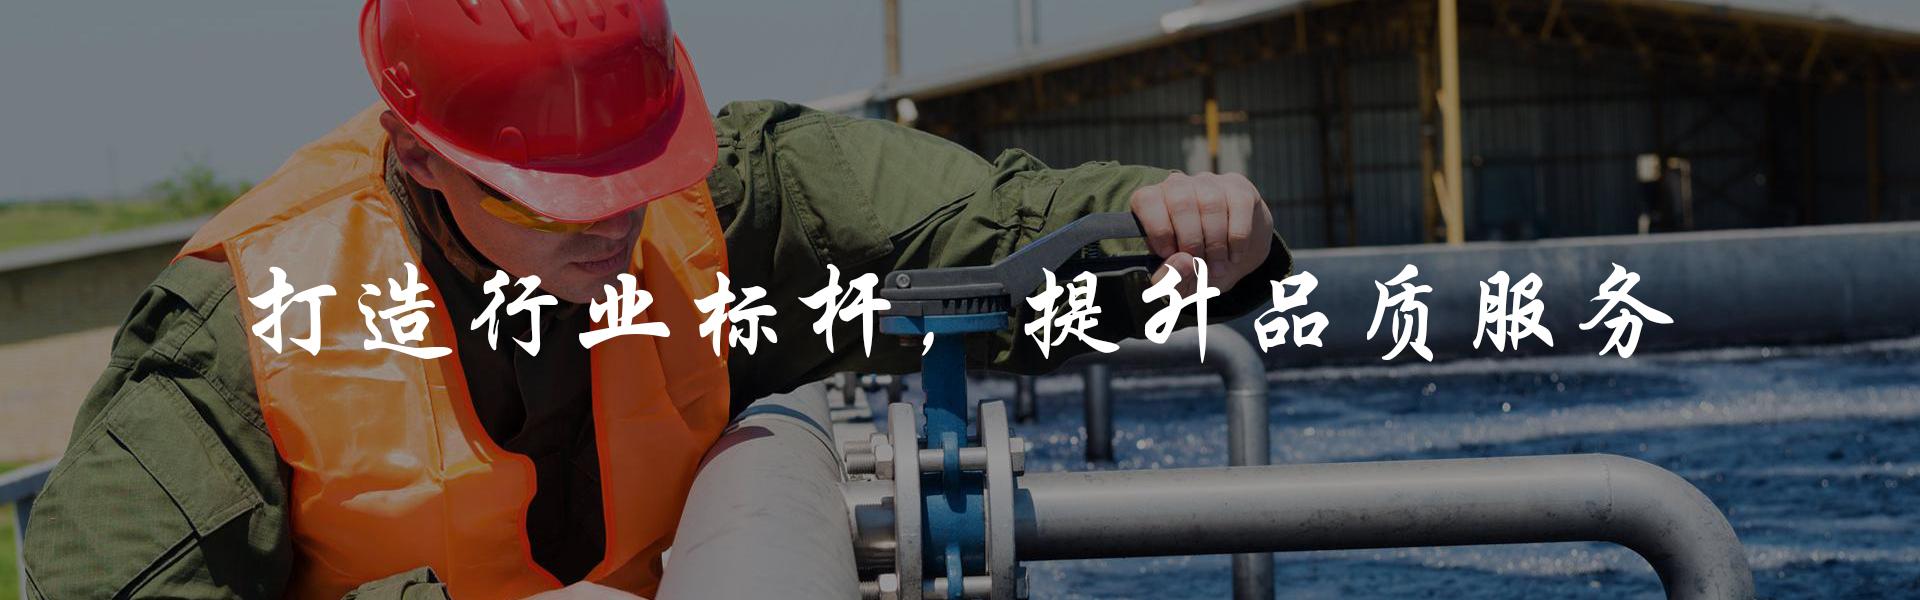 苏州普亿安机电设备有限公司